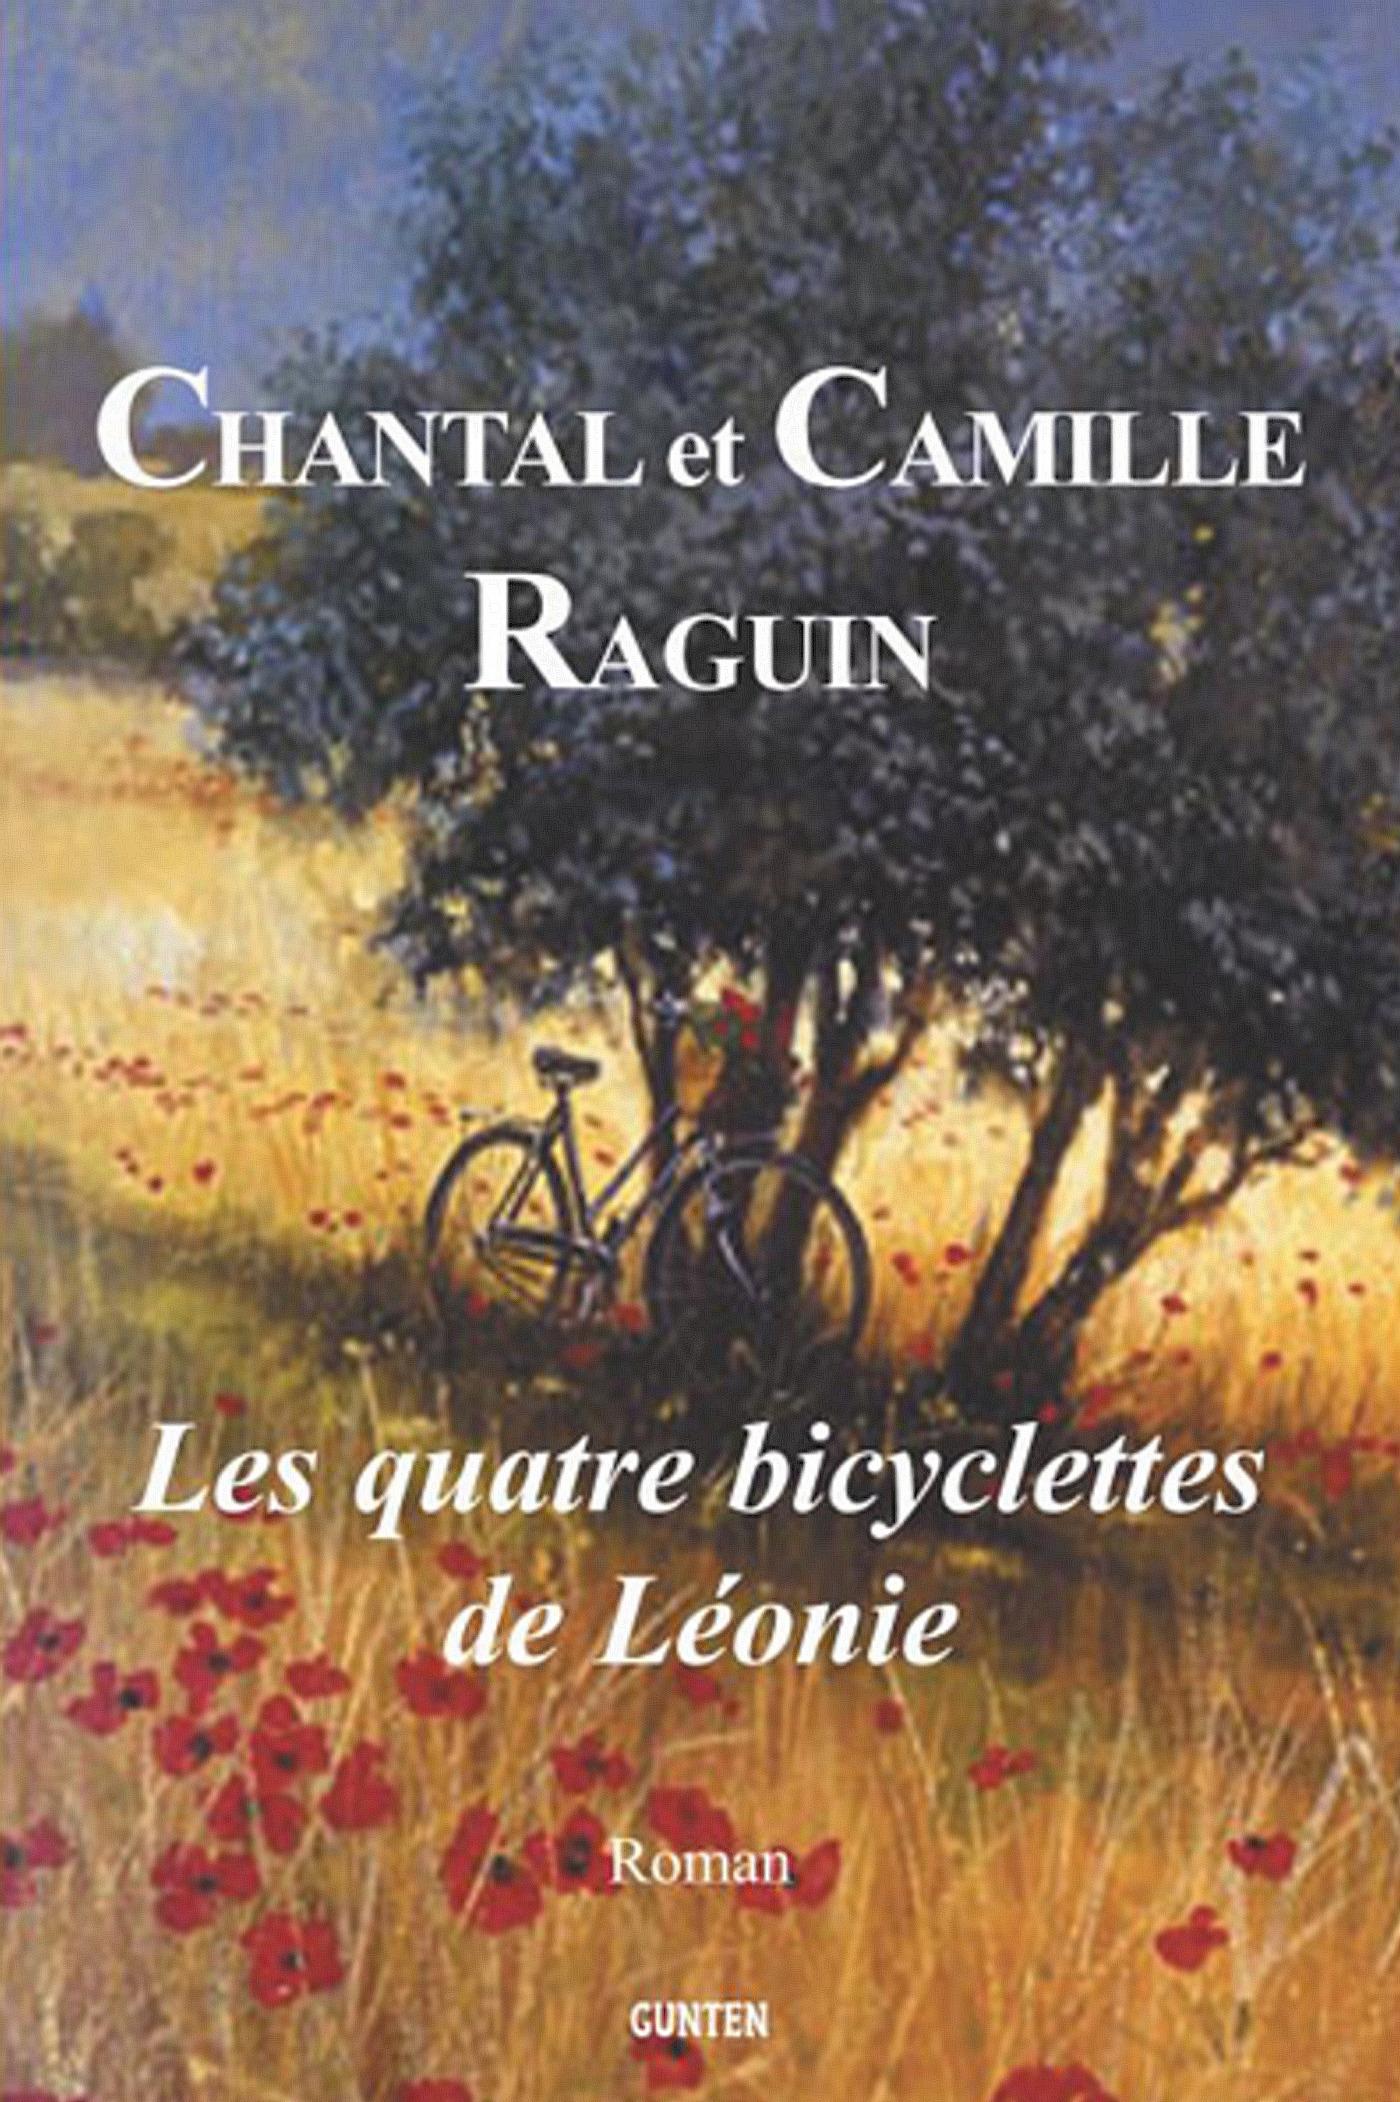 Les quatre bicyclettes de Léonie